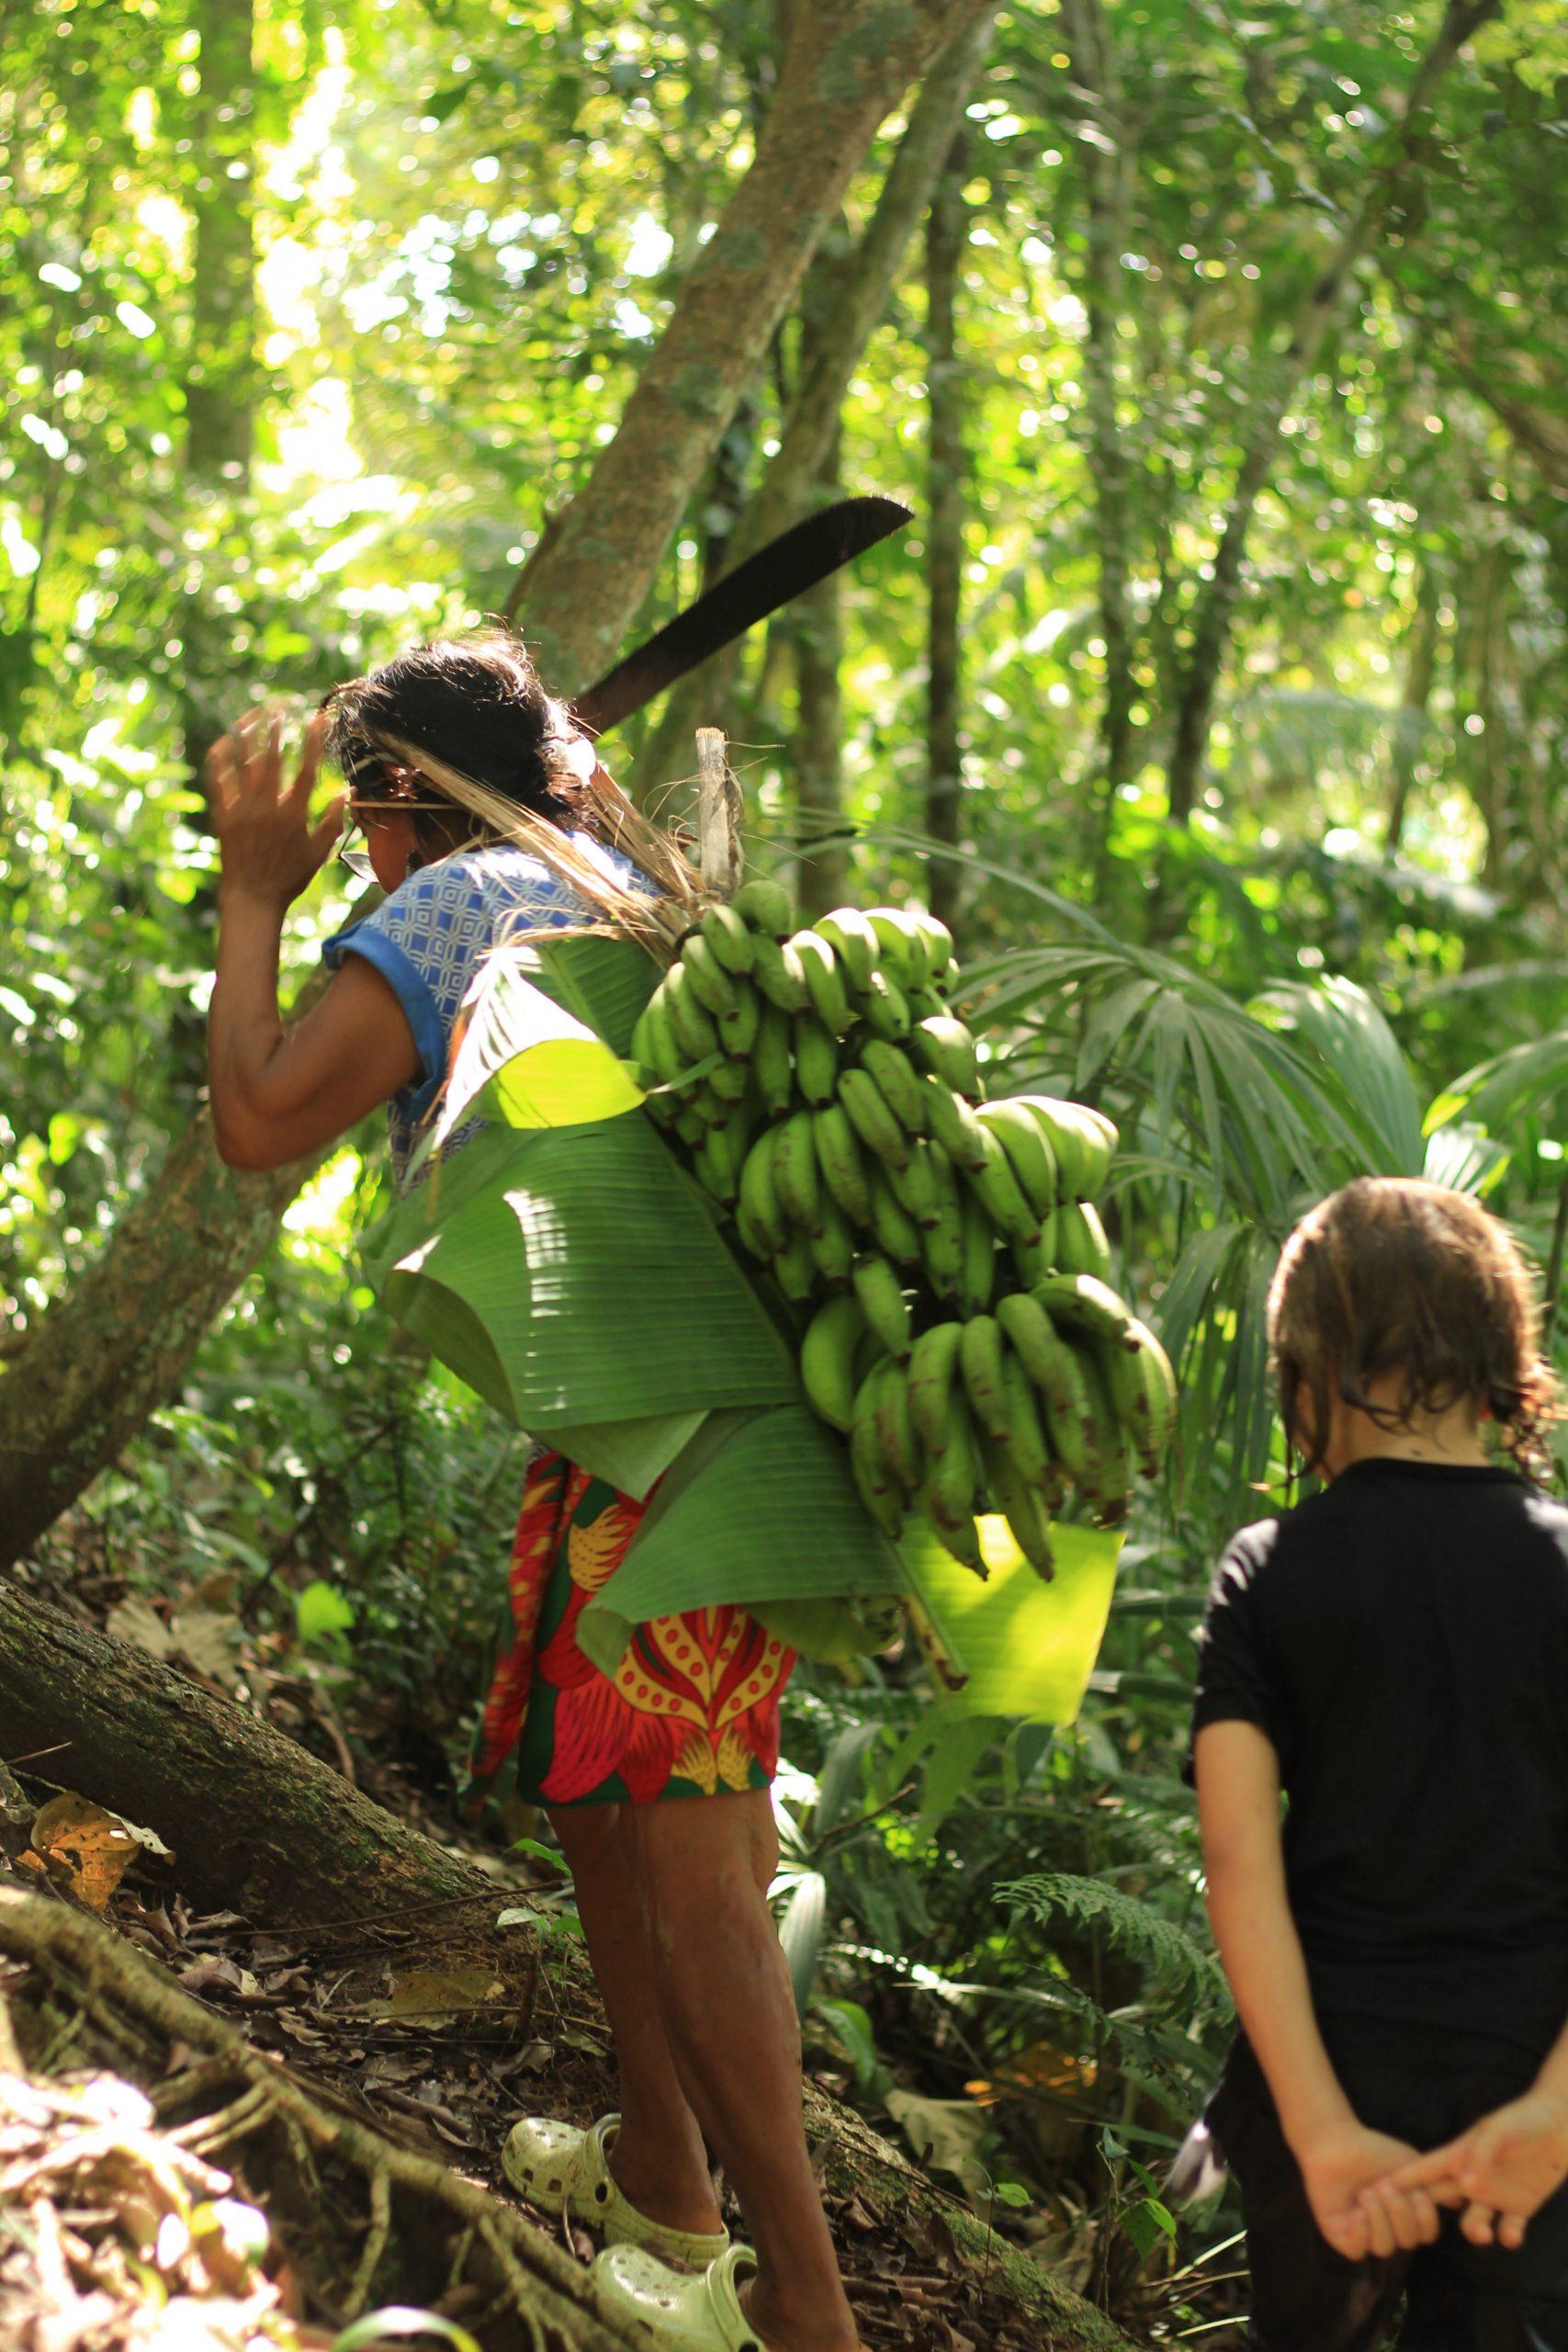 Luz, abriéndose paso en el bosque, mientras recolecta la materia prima para sus artesanías y el sustento familiar.